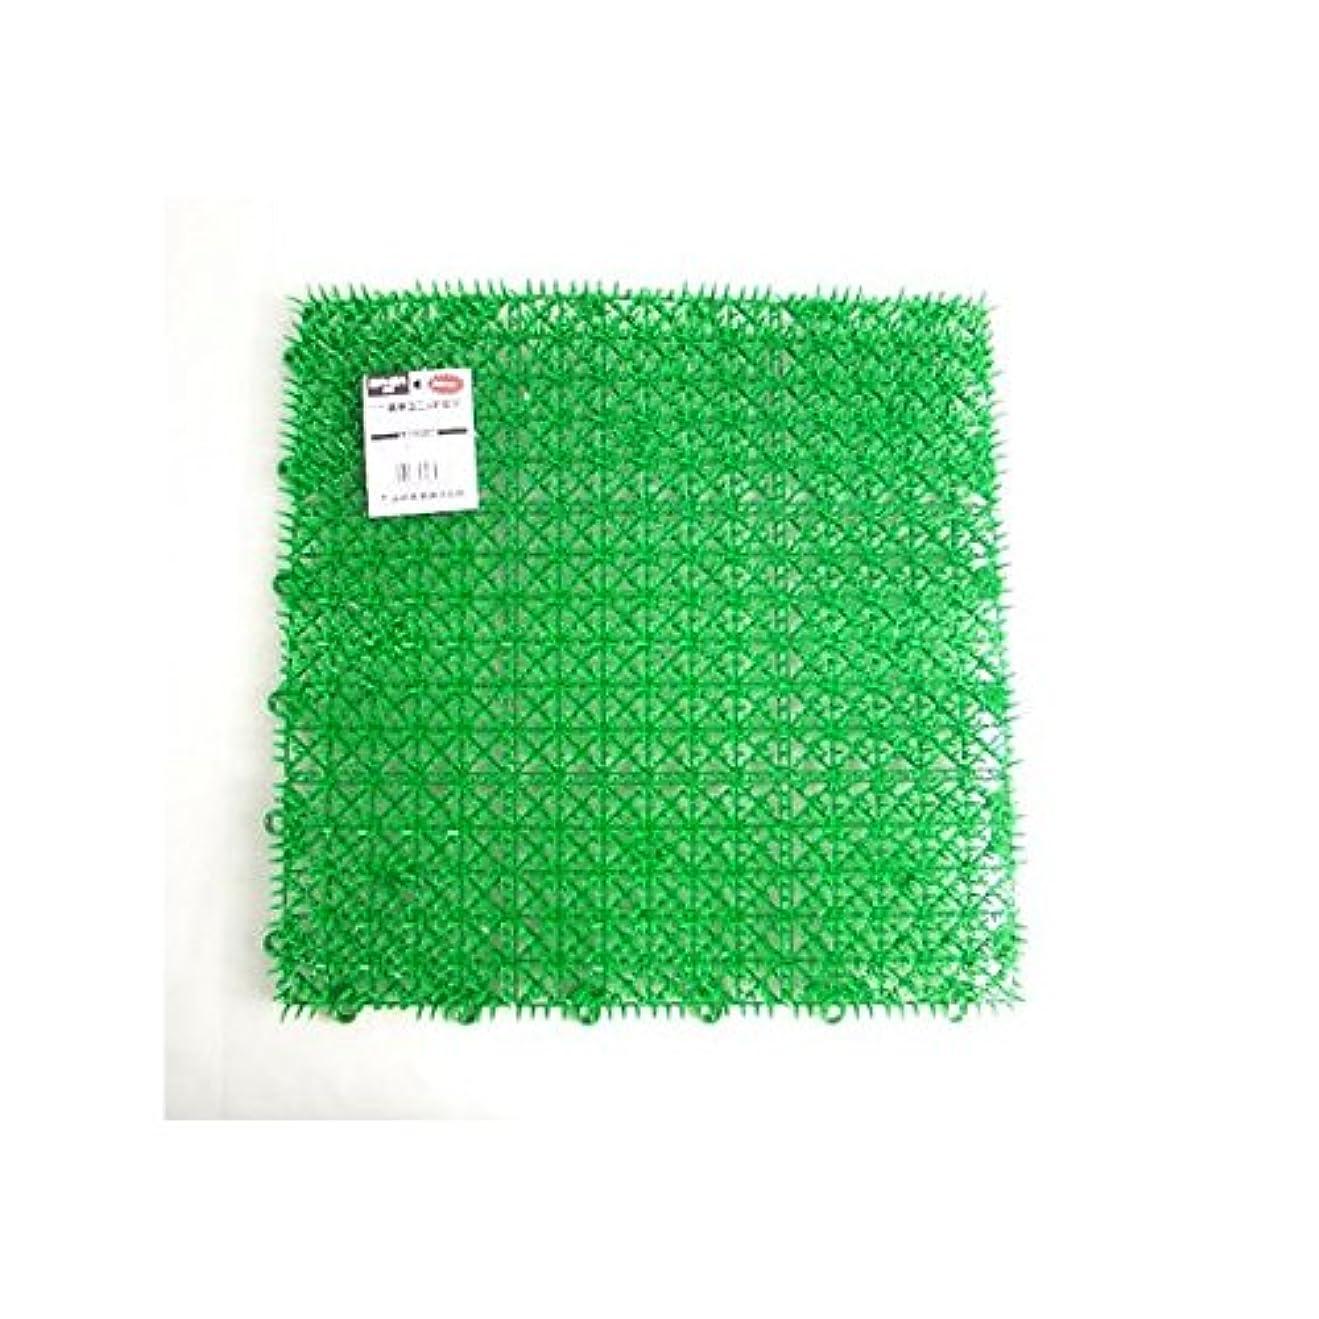 ストライプパーク一般的な人工芝 若草ユニット E-V 1帖用 グリーン 18枚セット